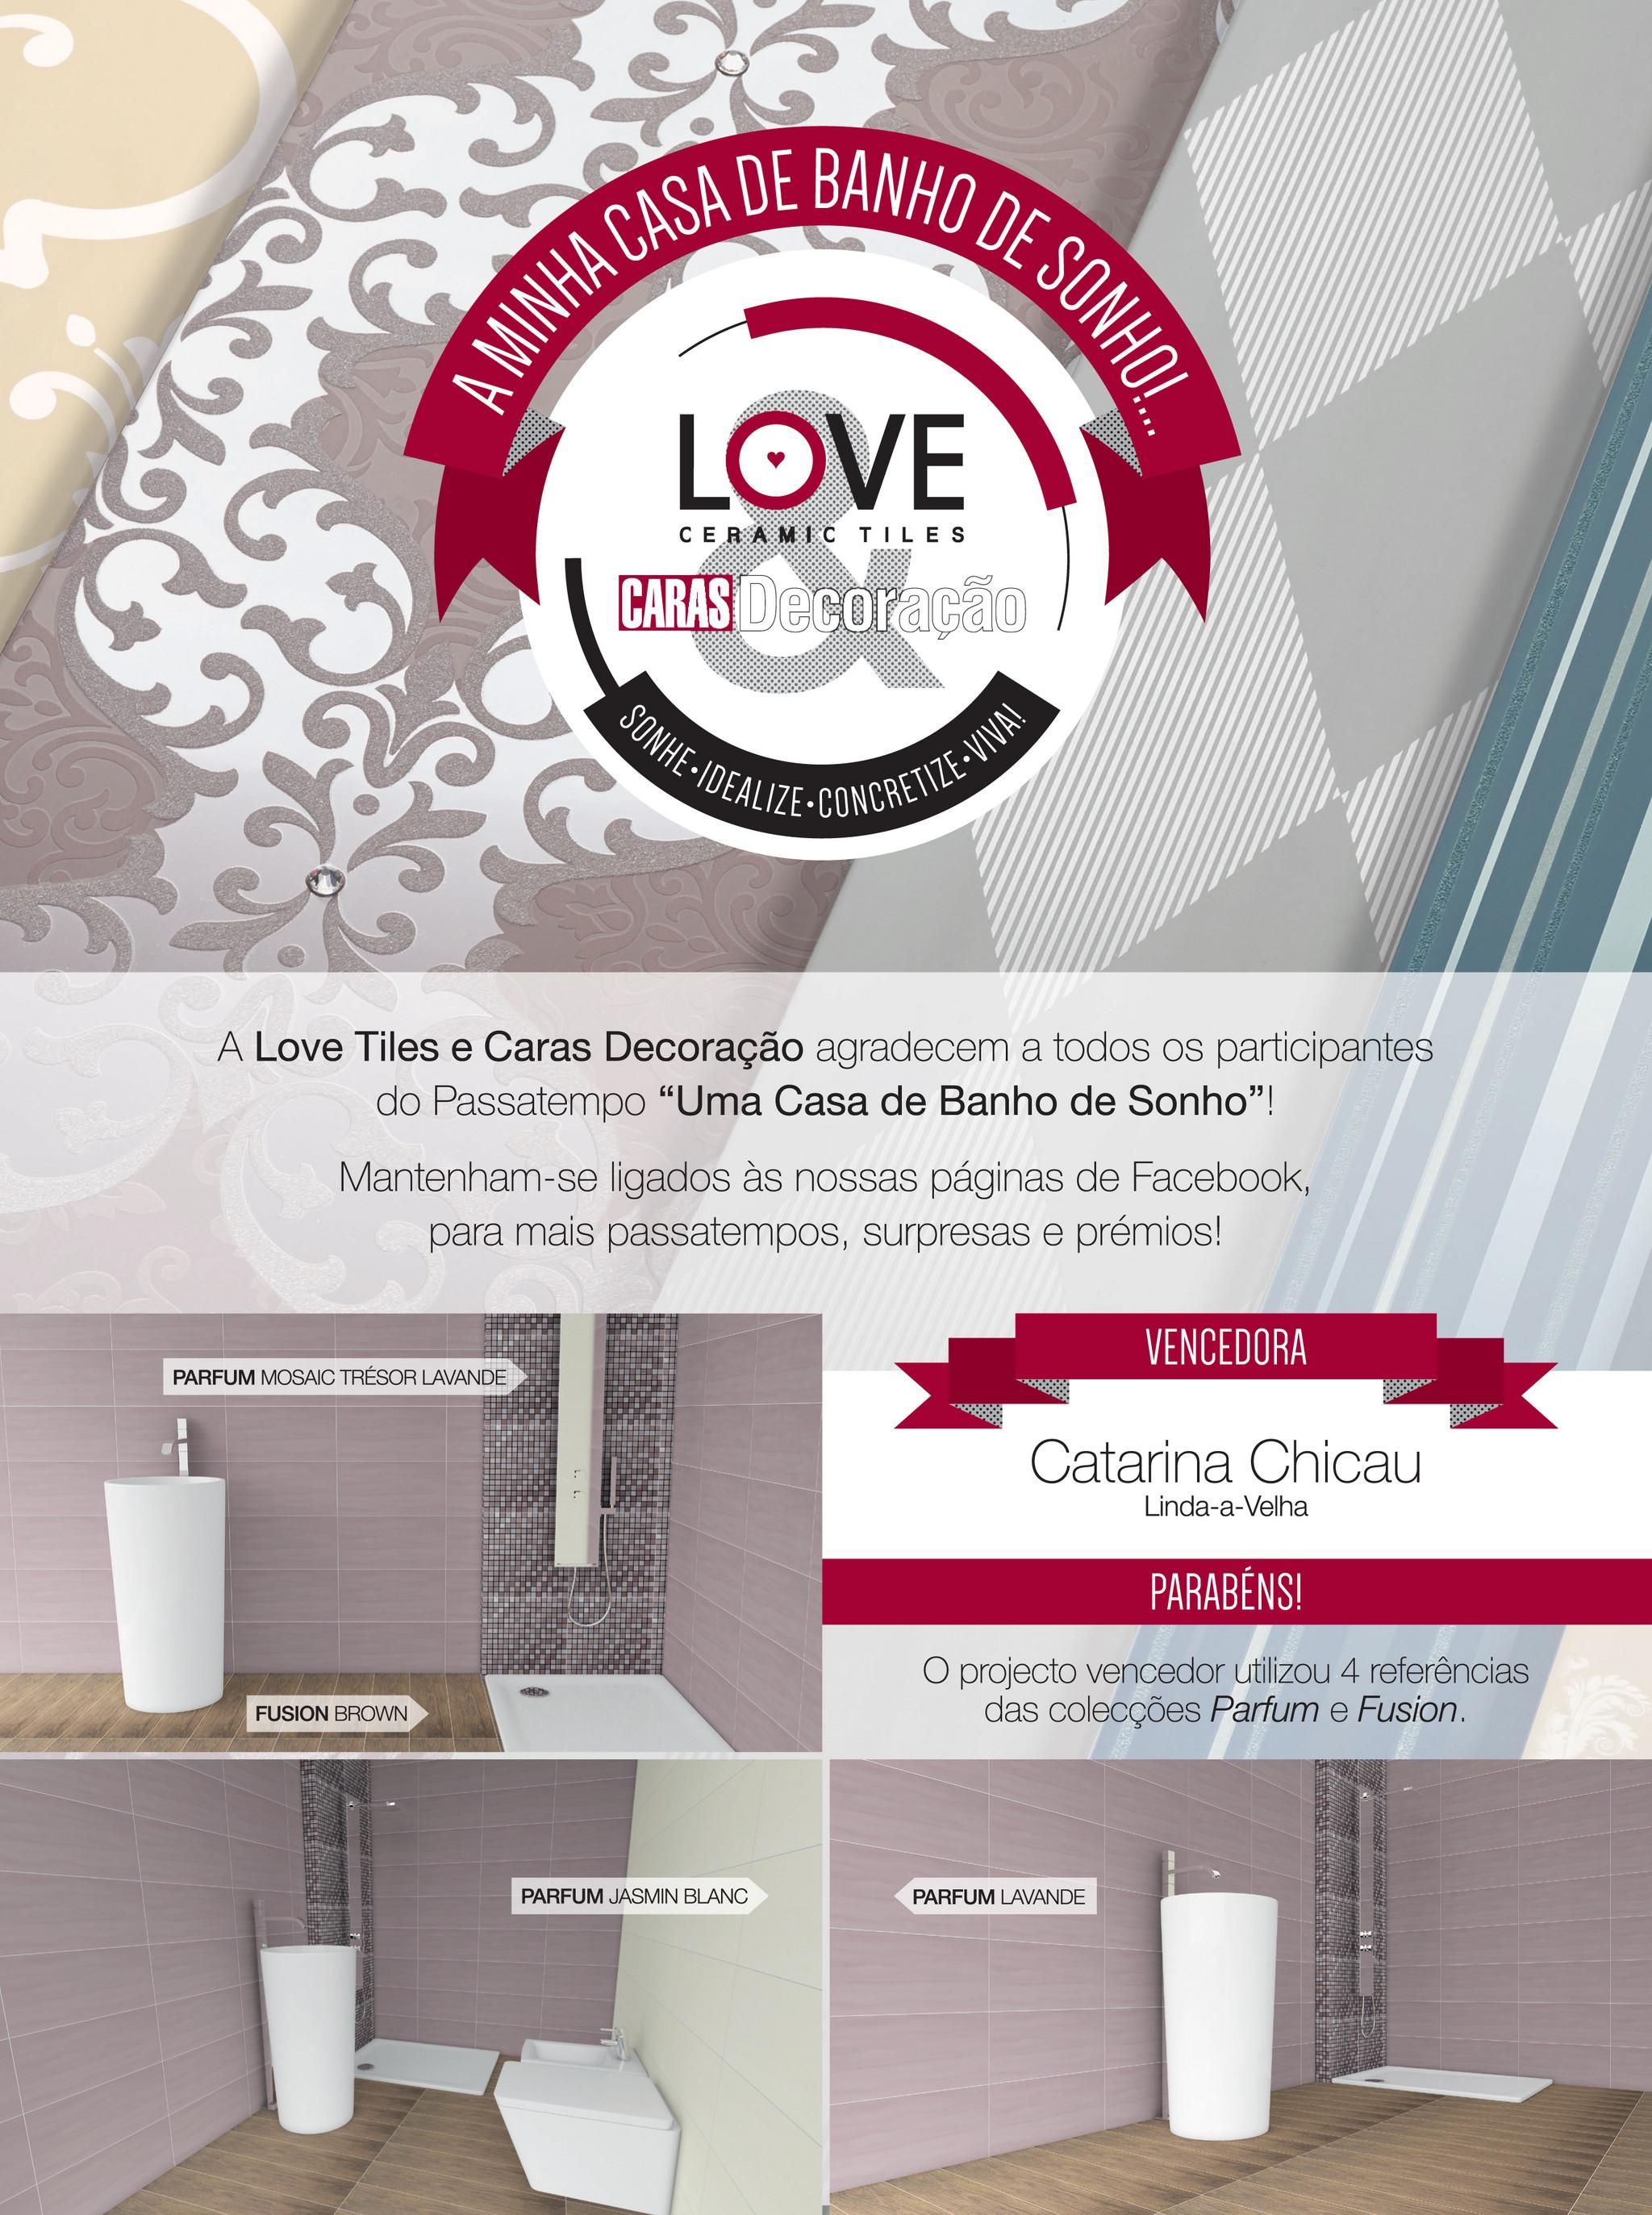 LOVE+CARAS pagina final.jpg